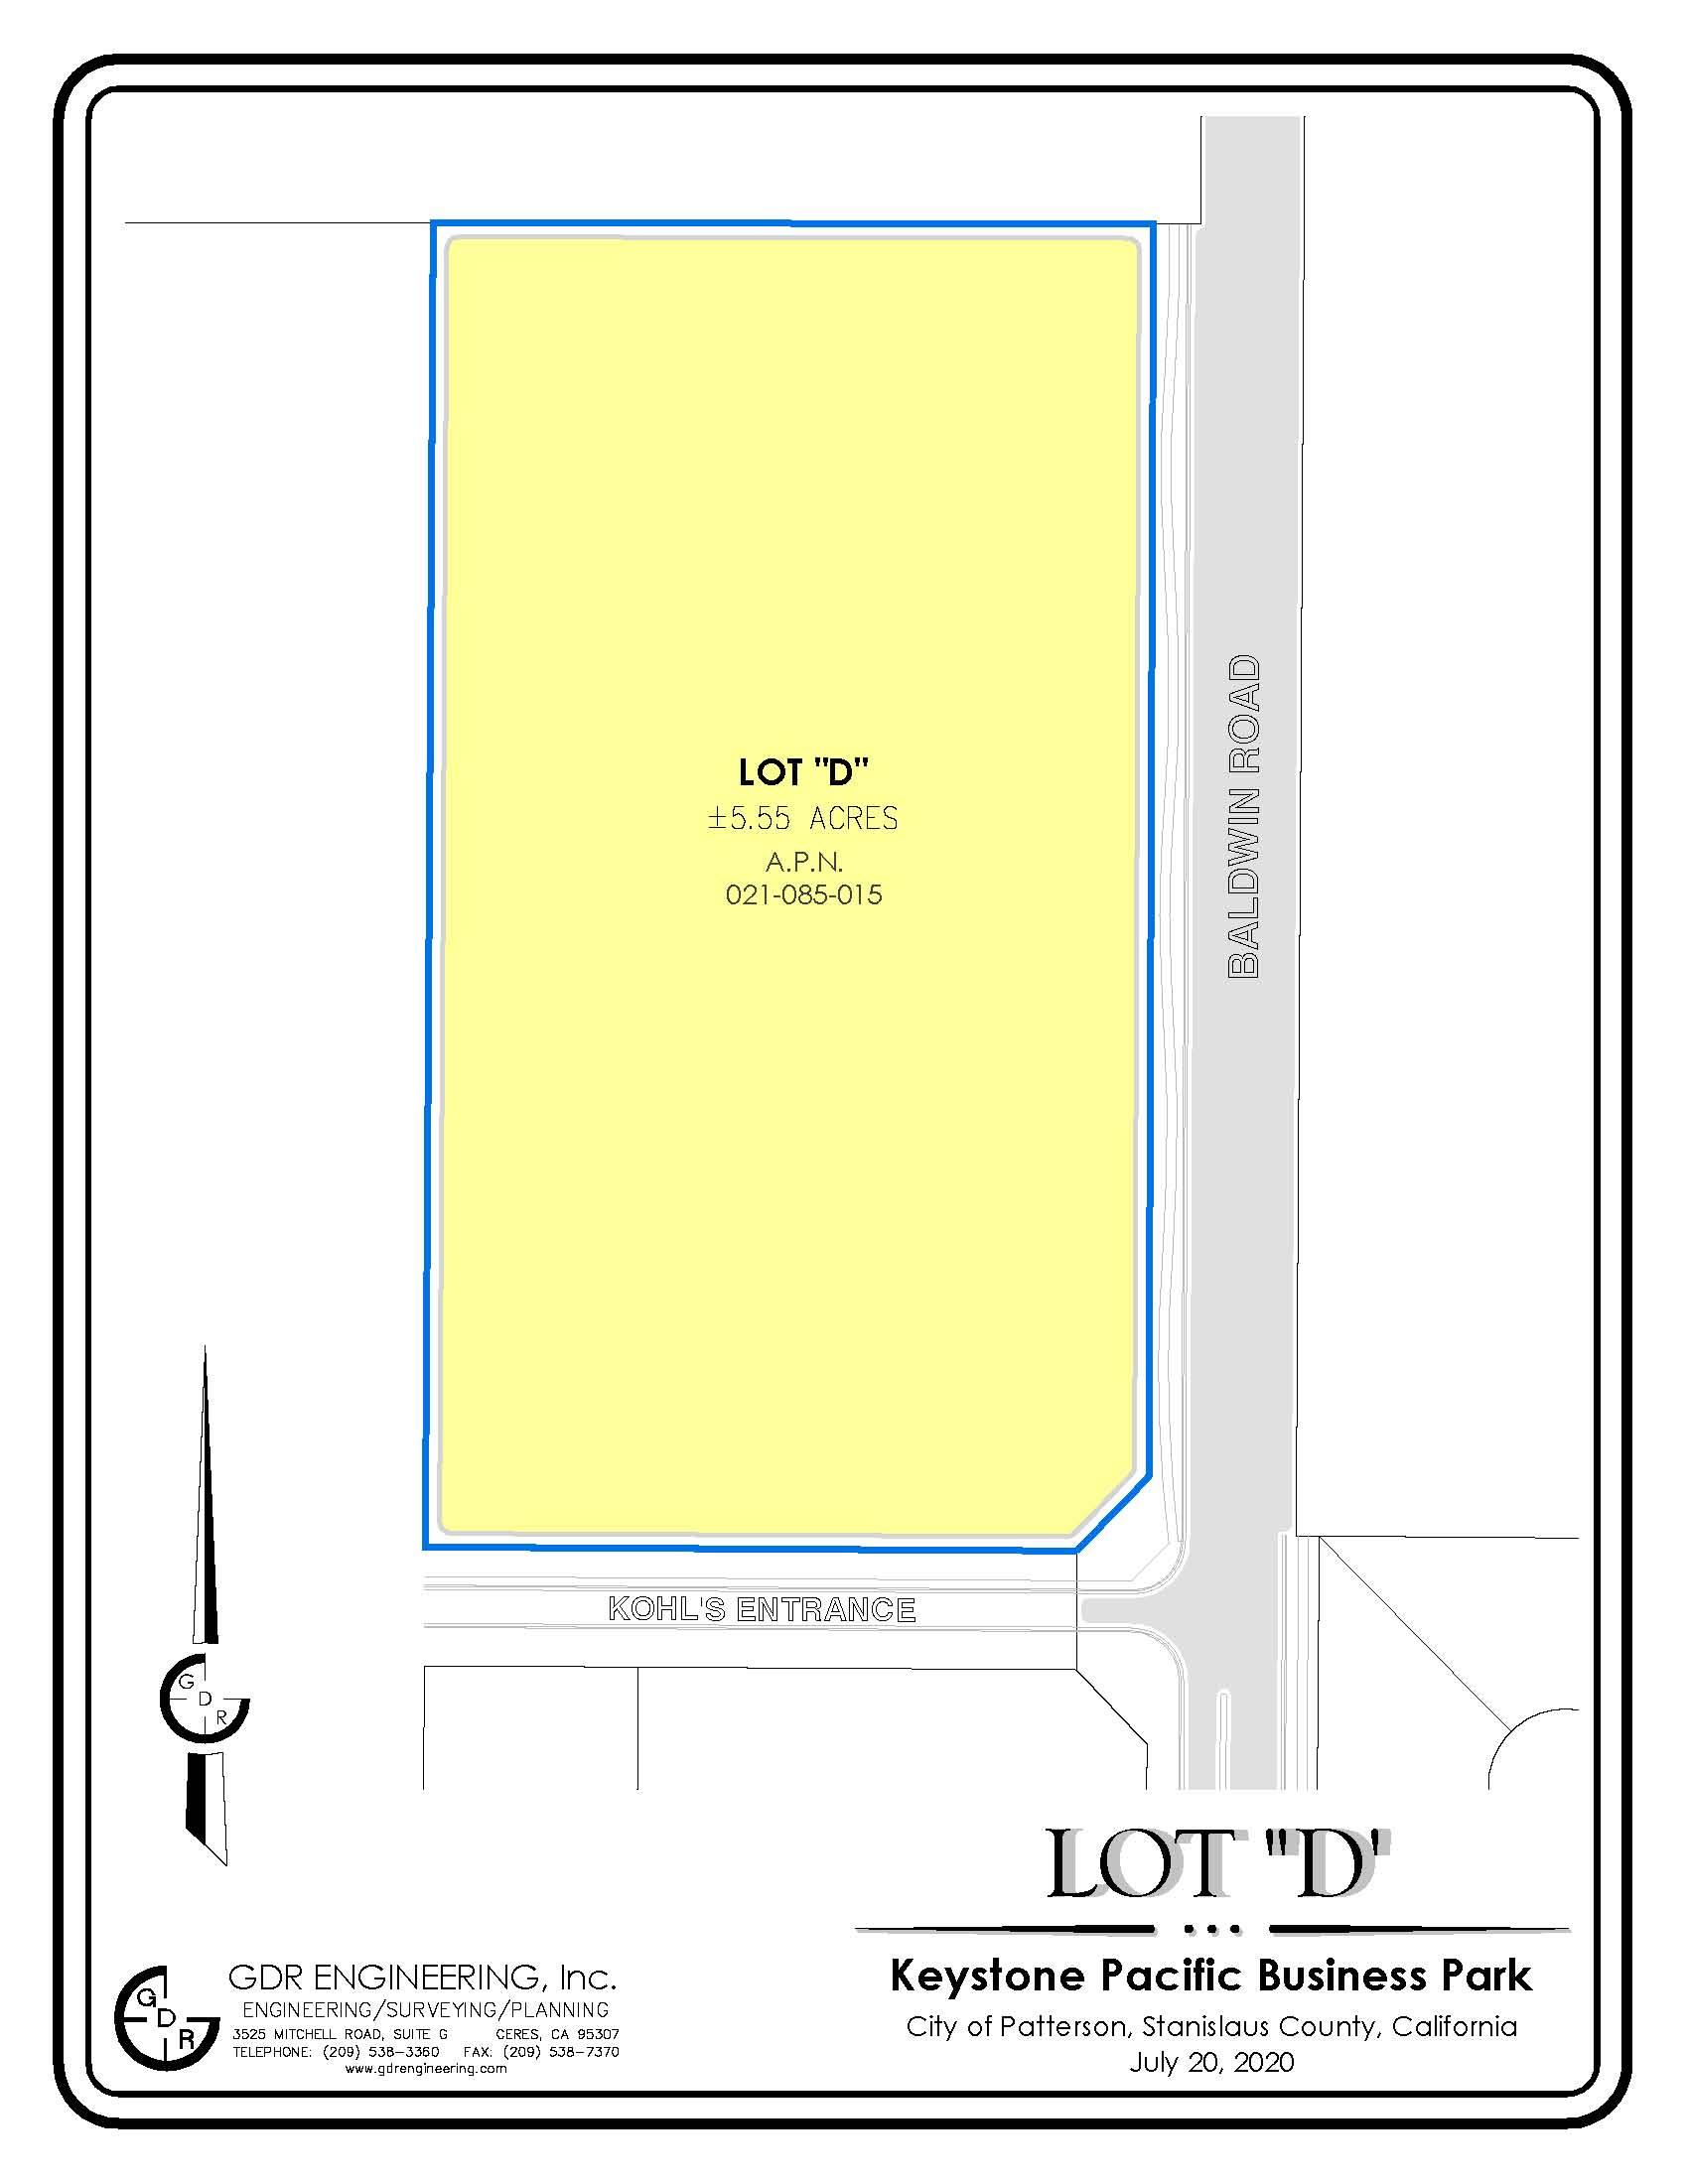 Keystone Pacific Business Park 5.55 Acre Site Parcel 021-085-015 (Pending)